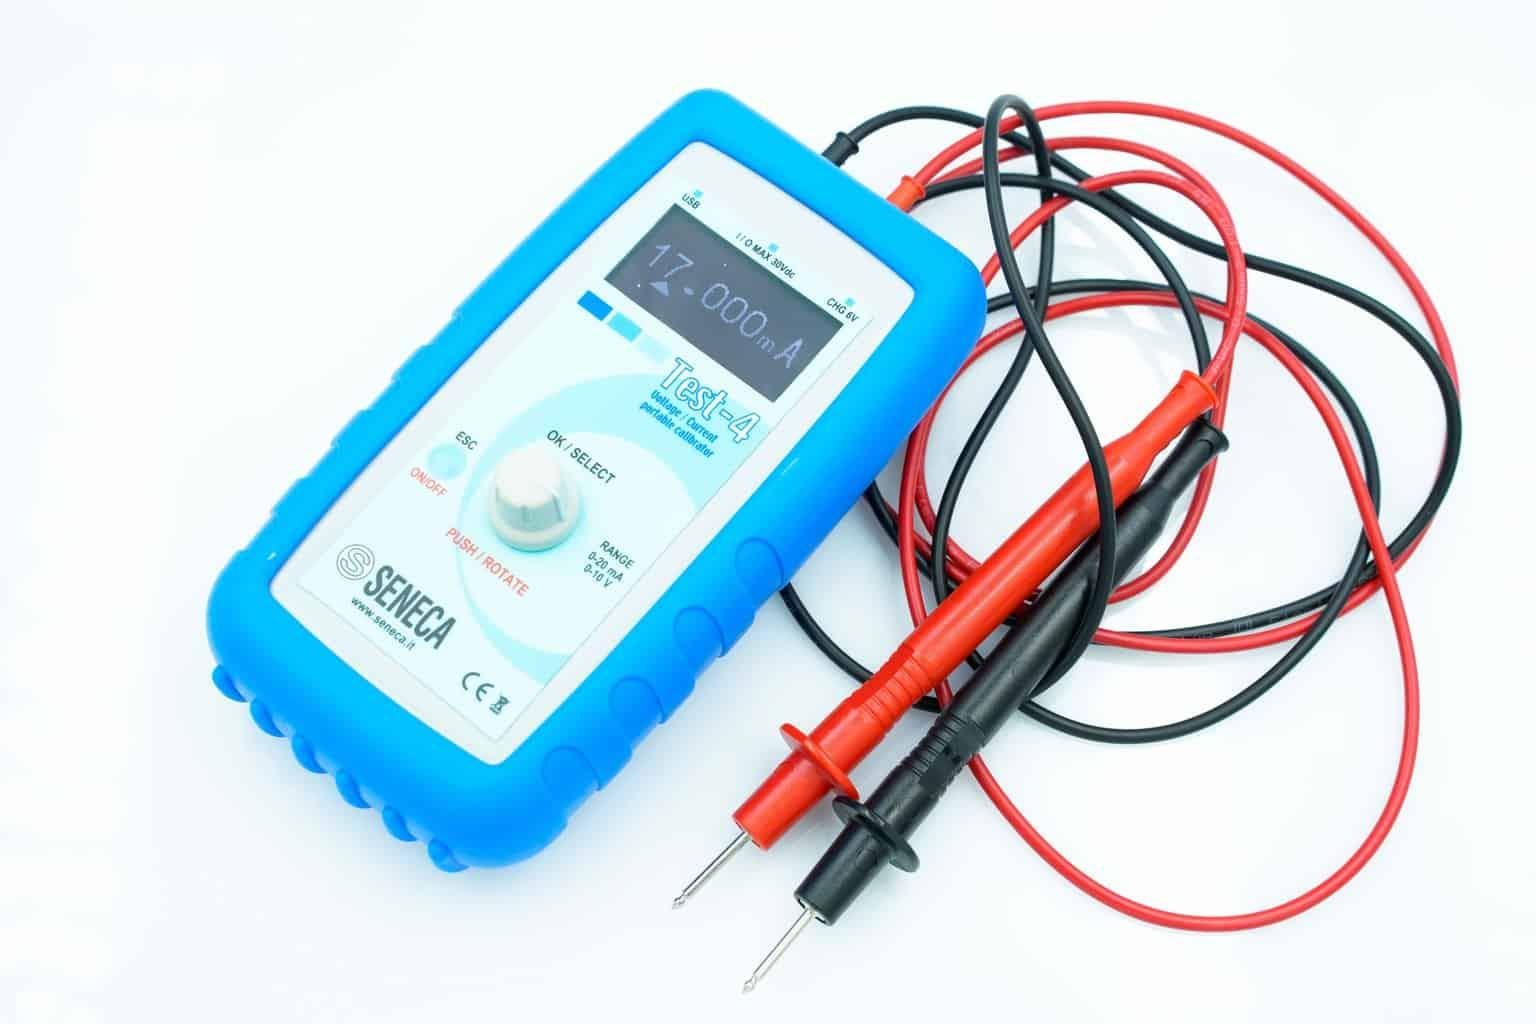 đo dòng - phát dòng 4-20mA Seneca - TEST-4